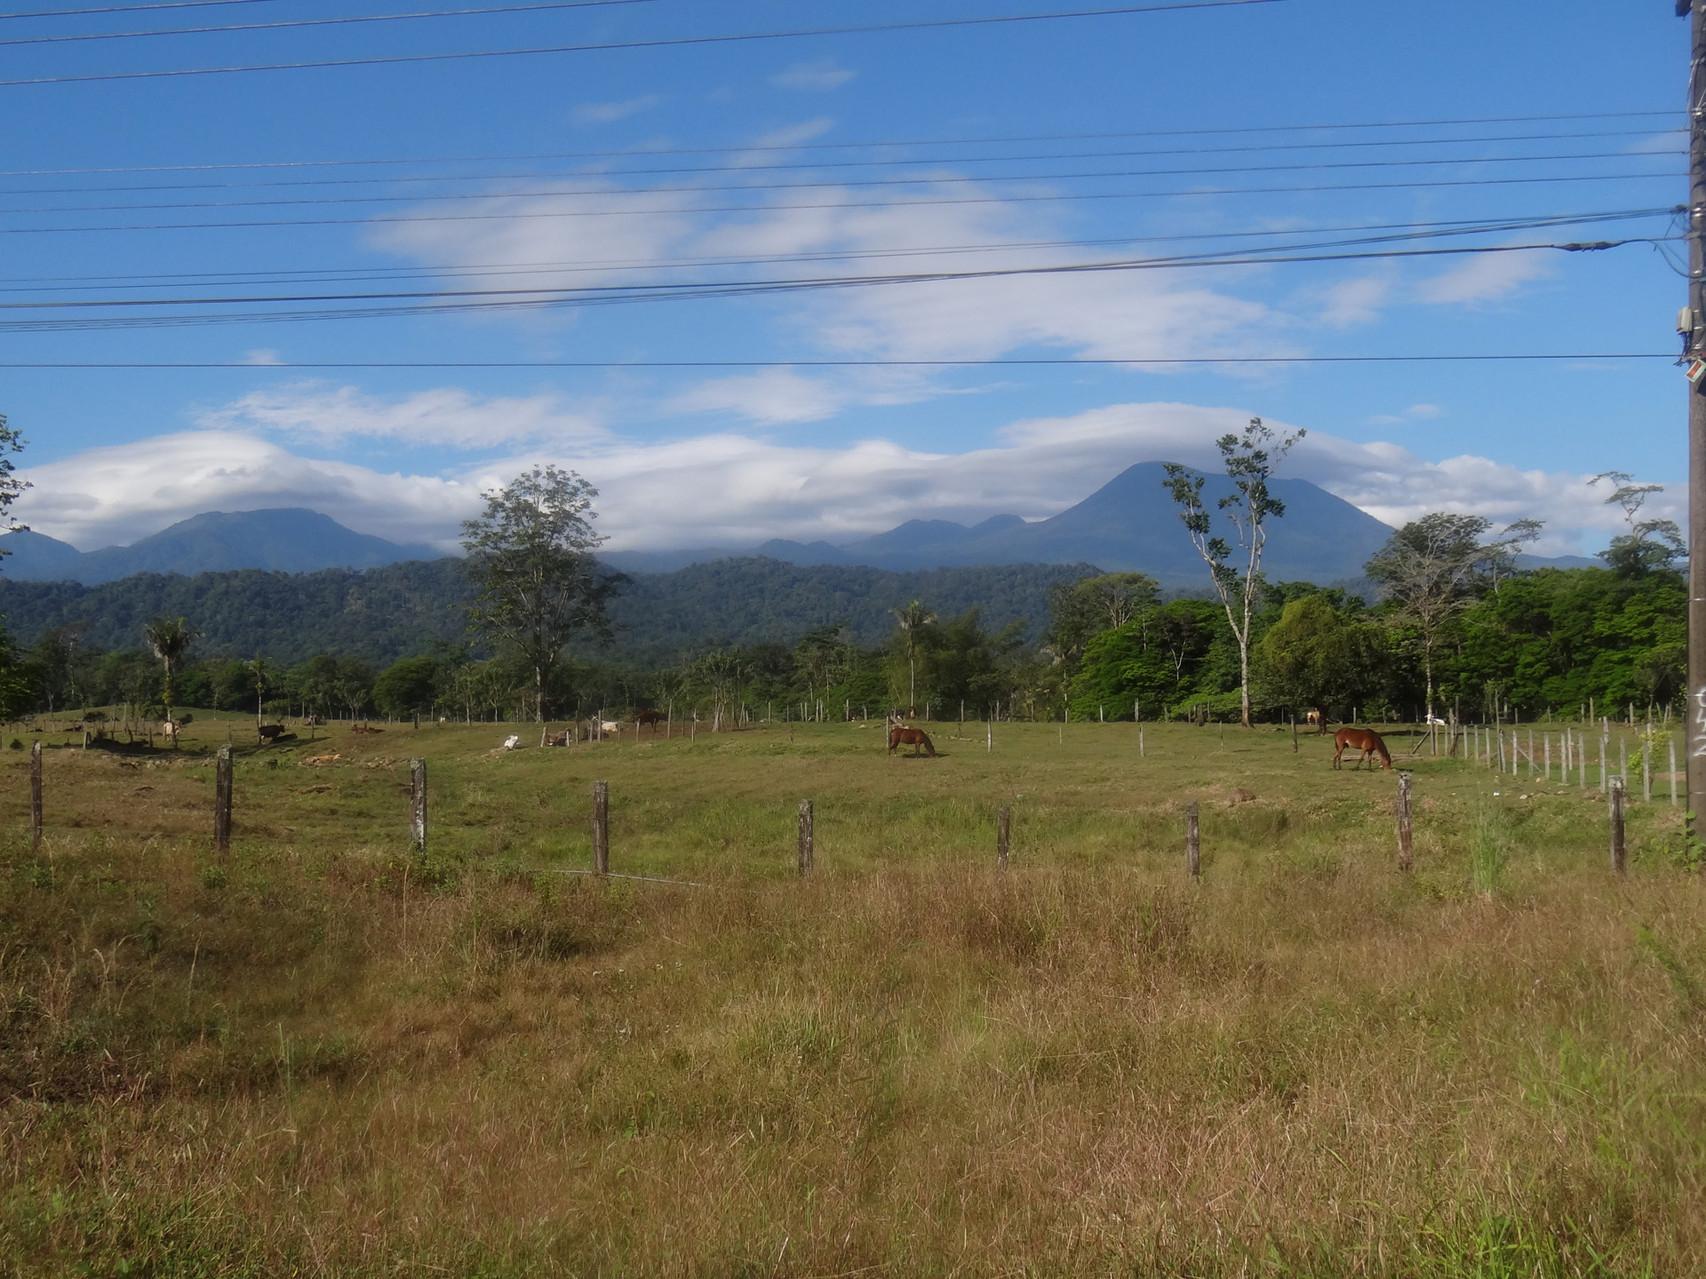 Fahrt durch das flache karibische Tiefland in der Gegend von Puerto Viejo de Sarapiqui